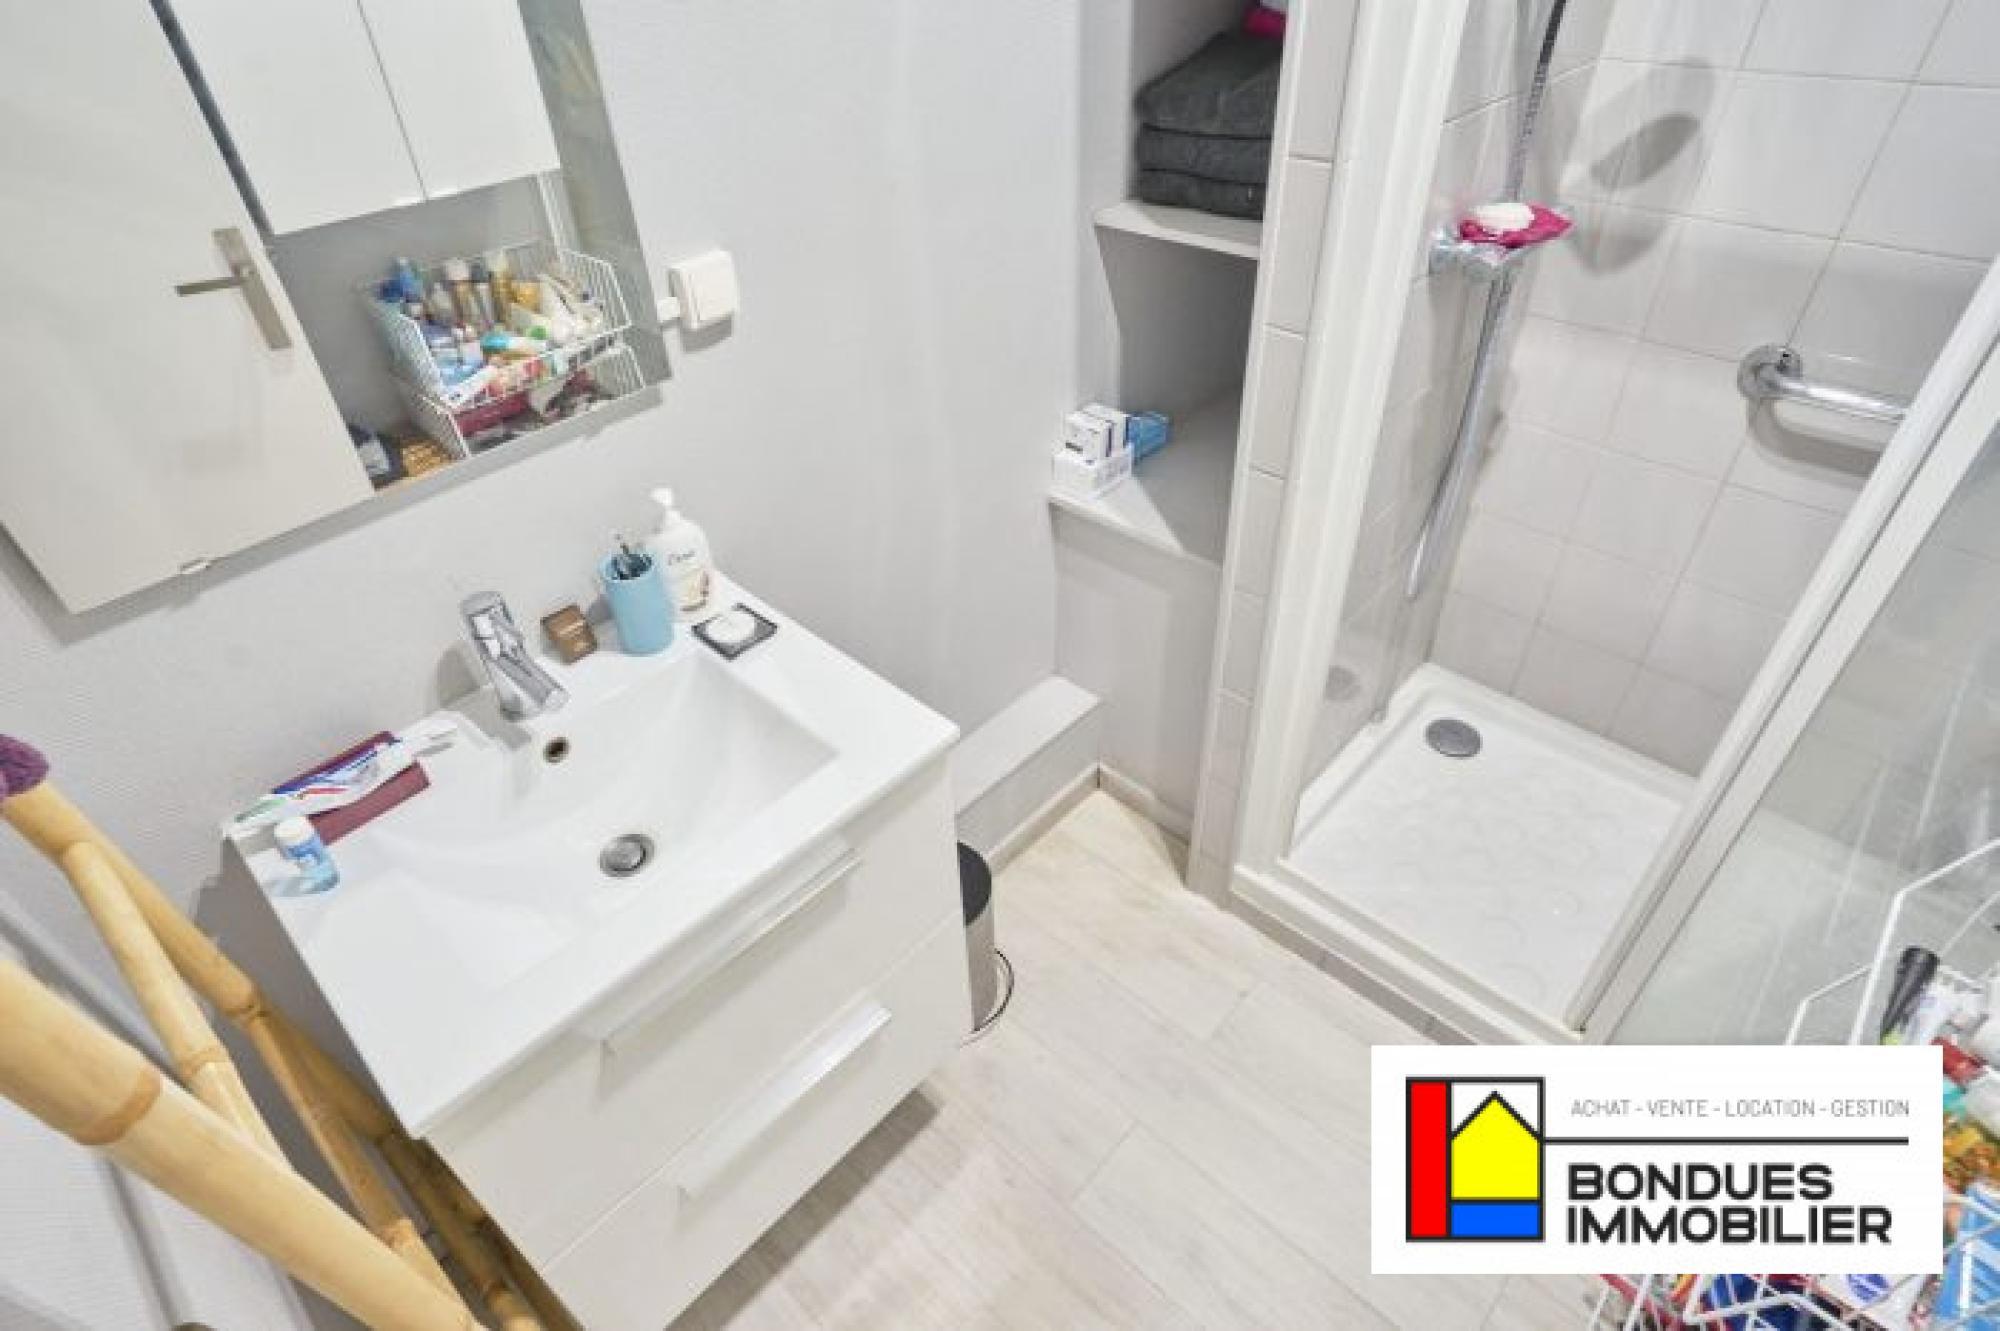 vente appartement marcq en barœul refVA2138 (12)